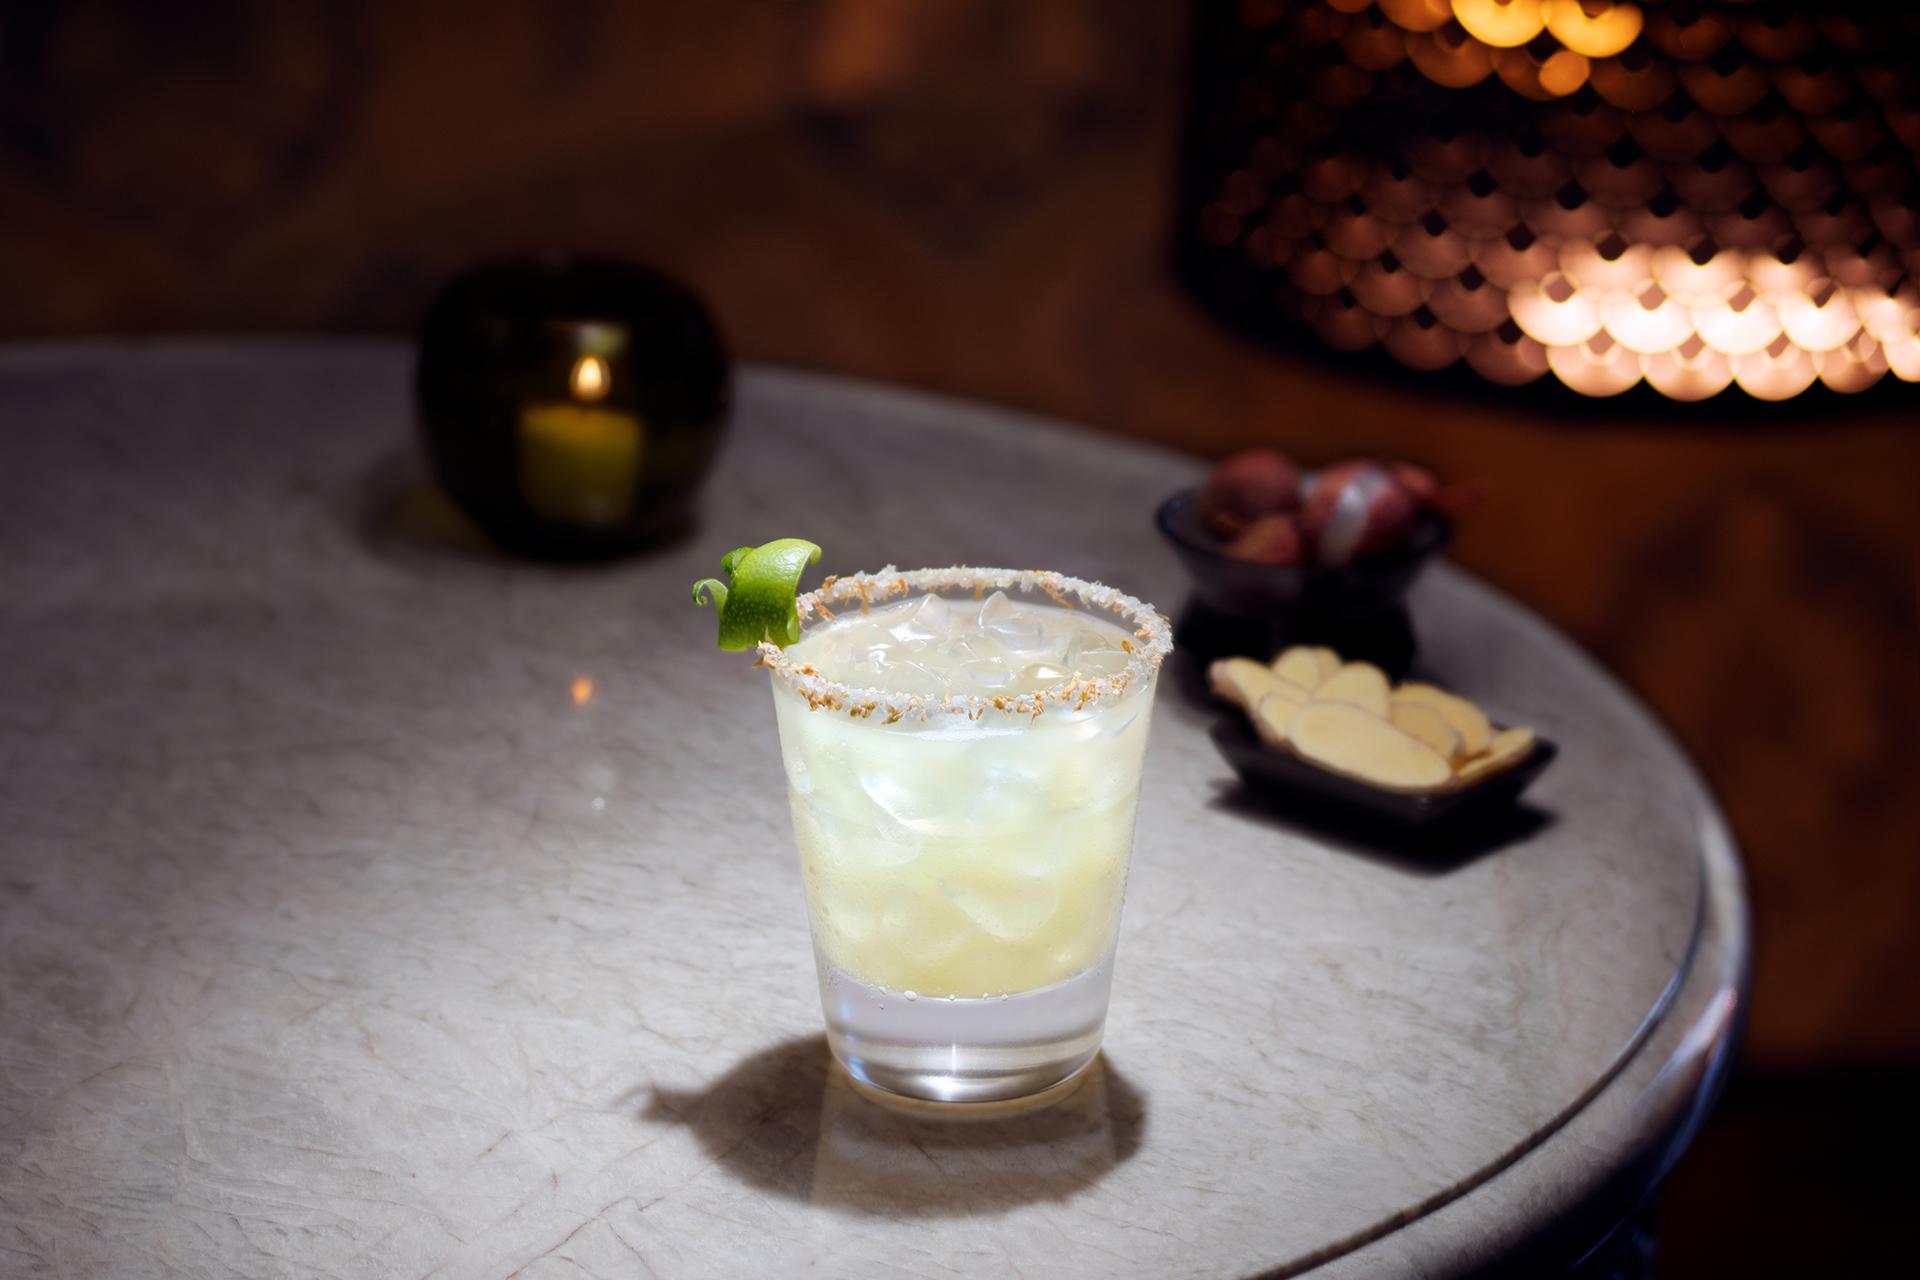 Uns schmeckt die »Dynasty Margarita« am besten mit handgemachtem Inge Ingwersirup